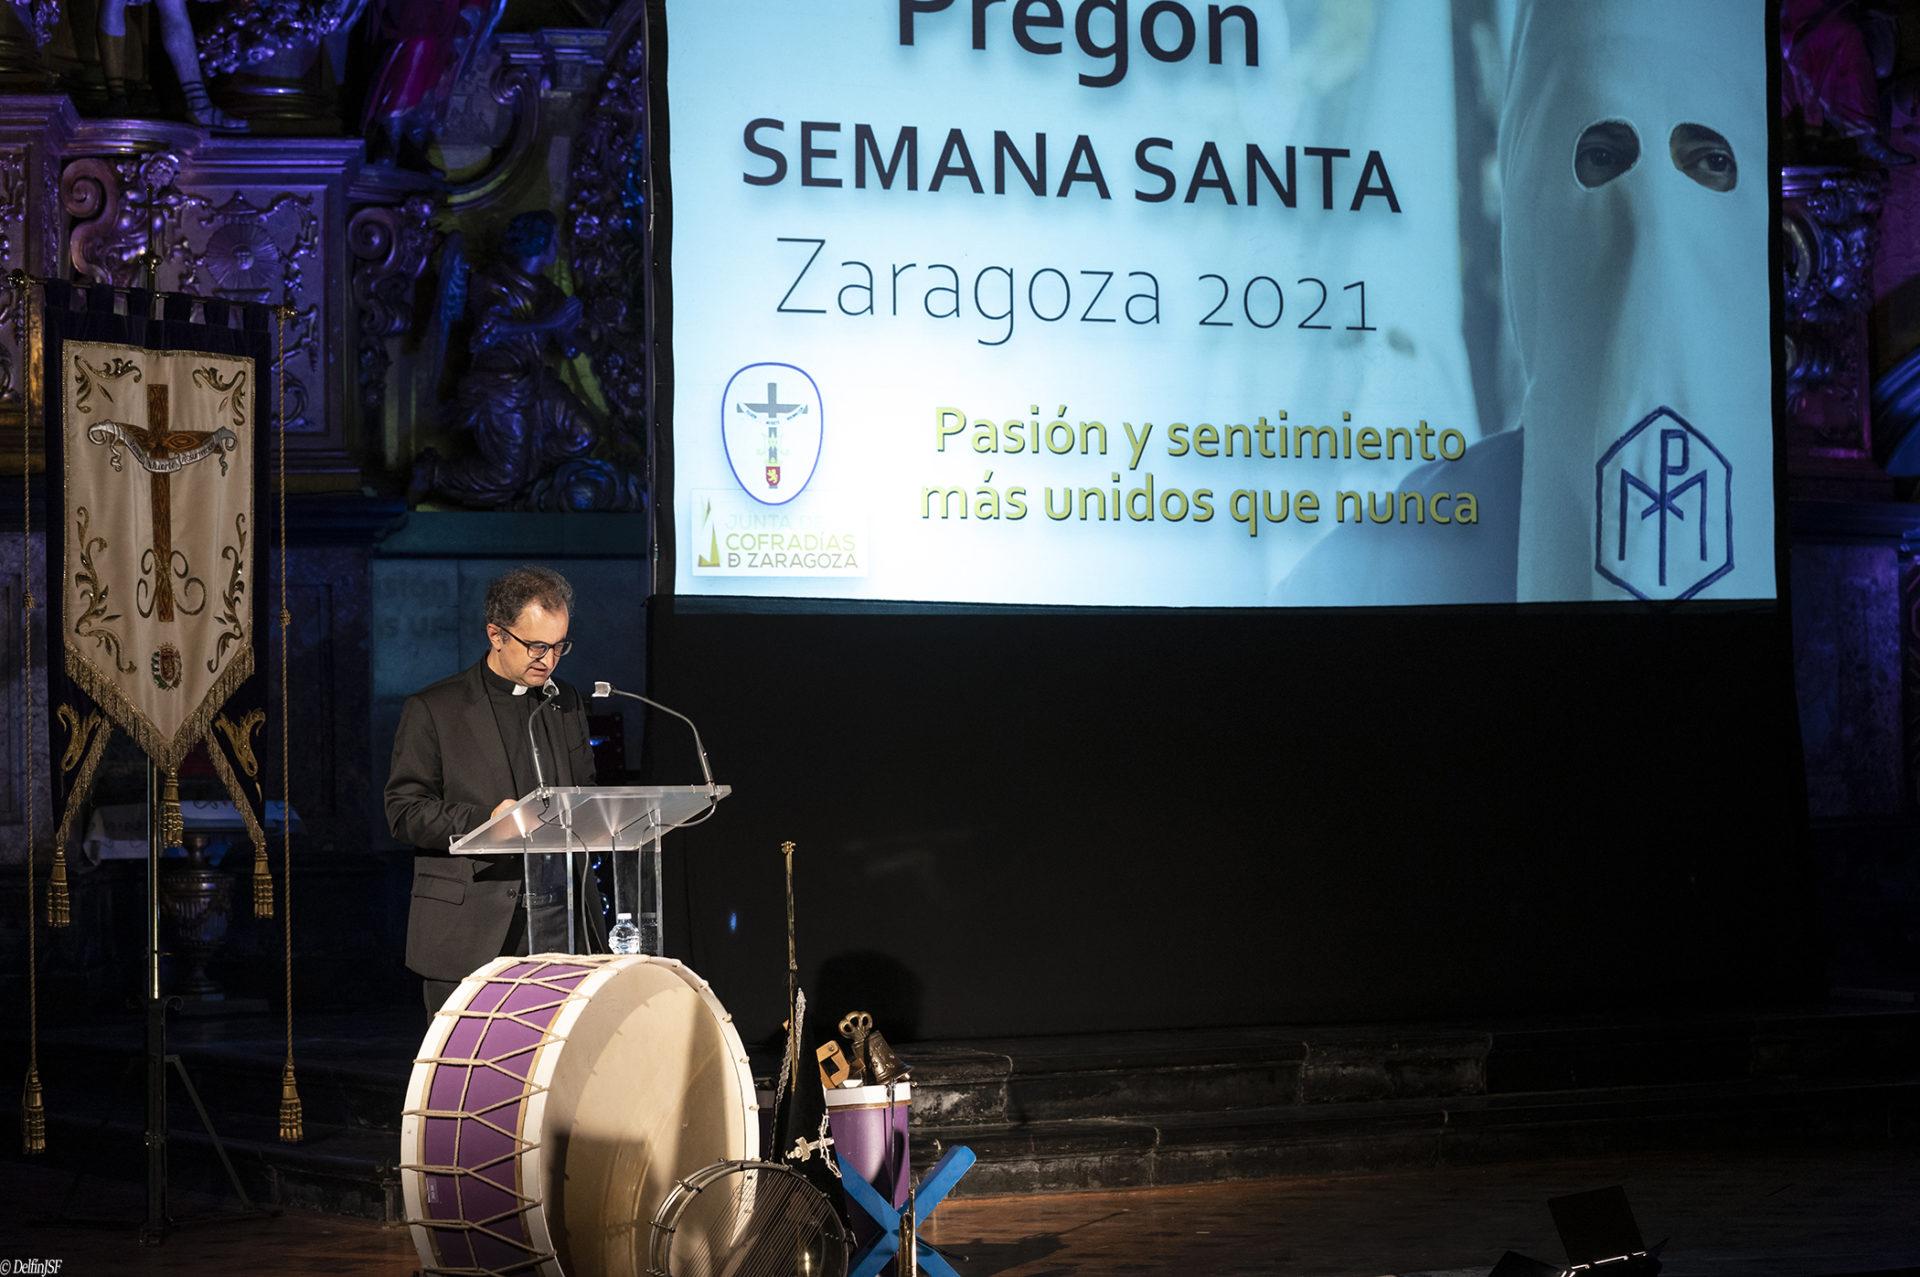 PREGÓN SEMANA SANTA 2021 #ZARAGOZA, DelfínJSF